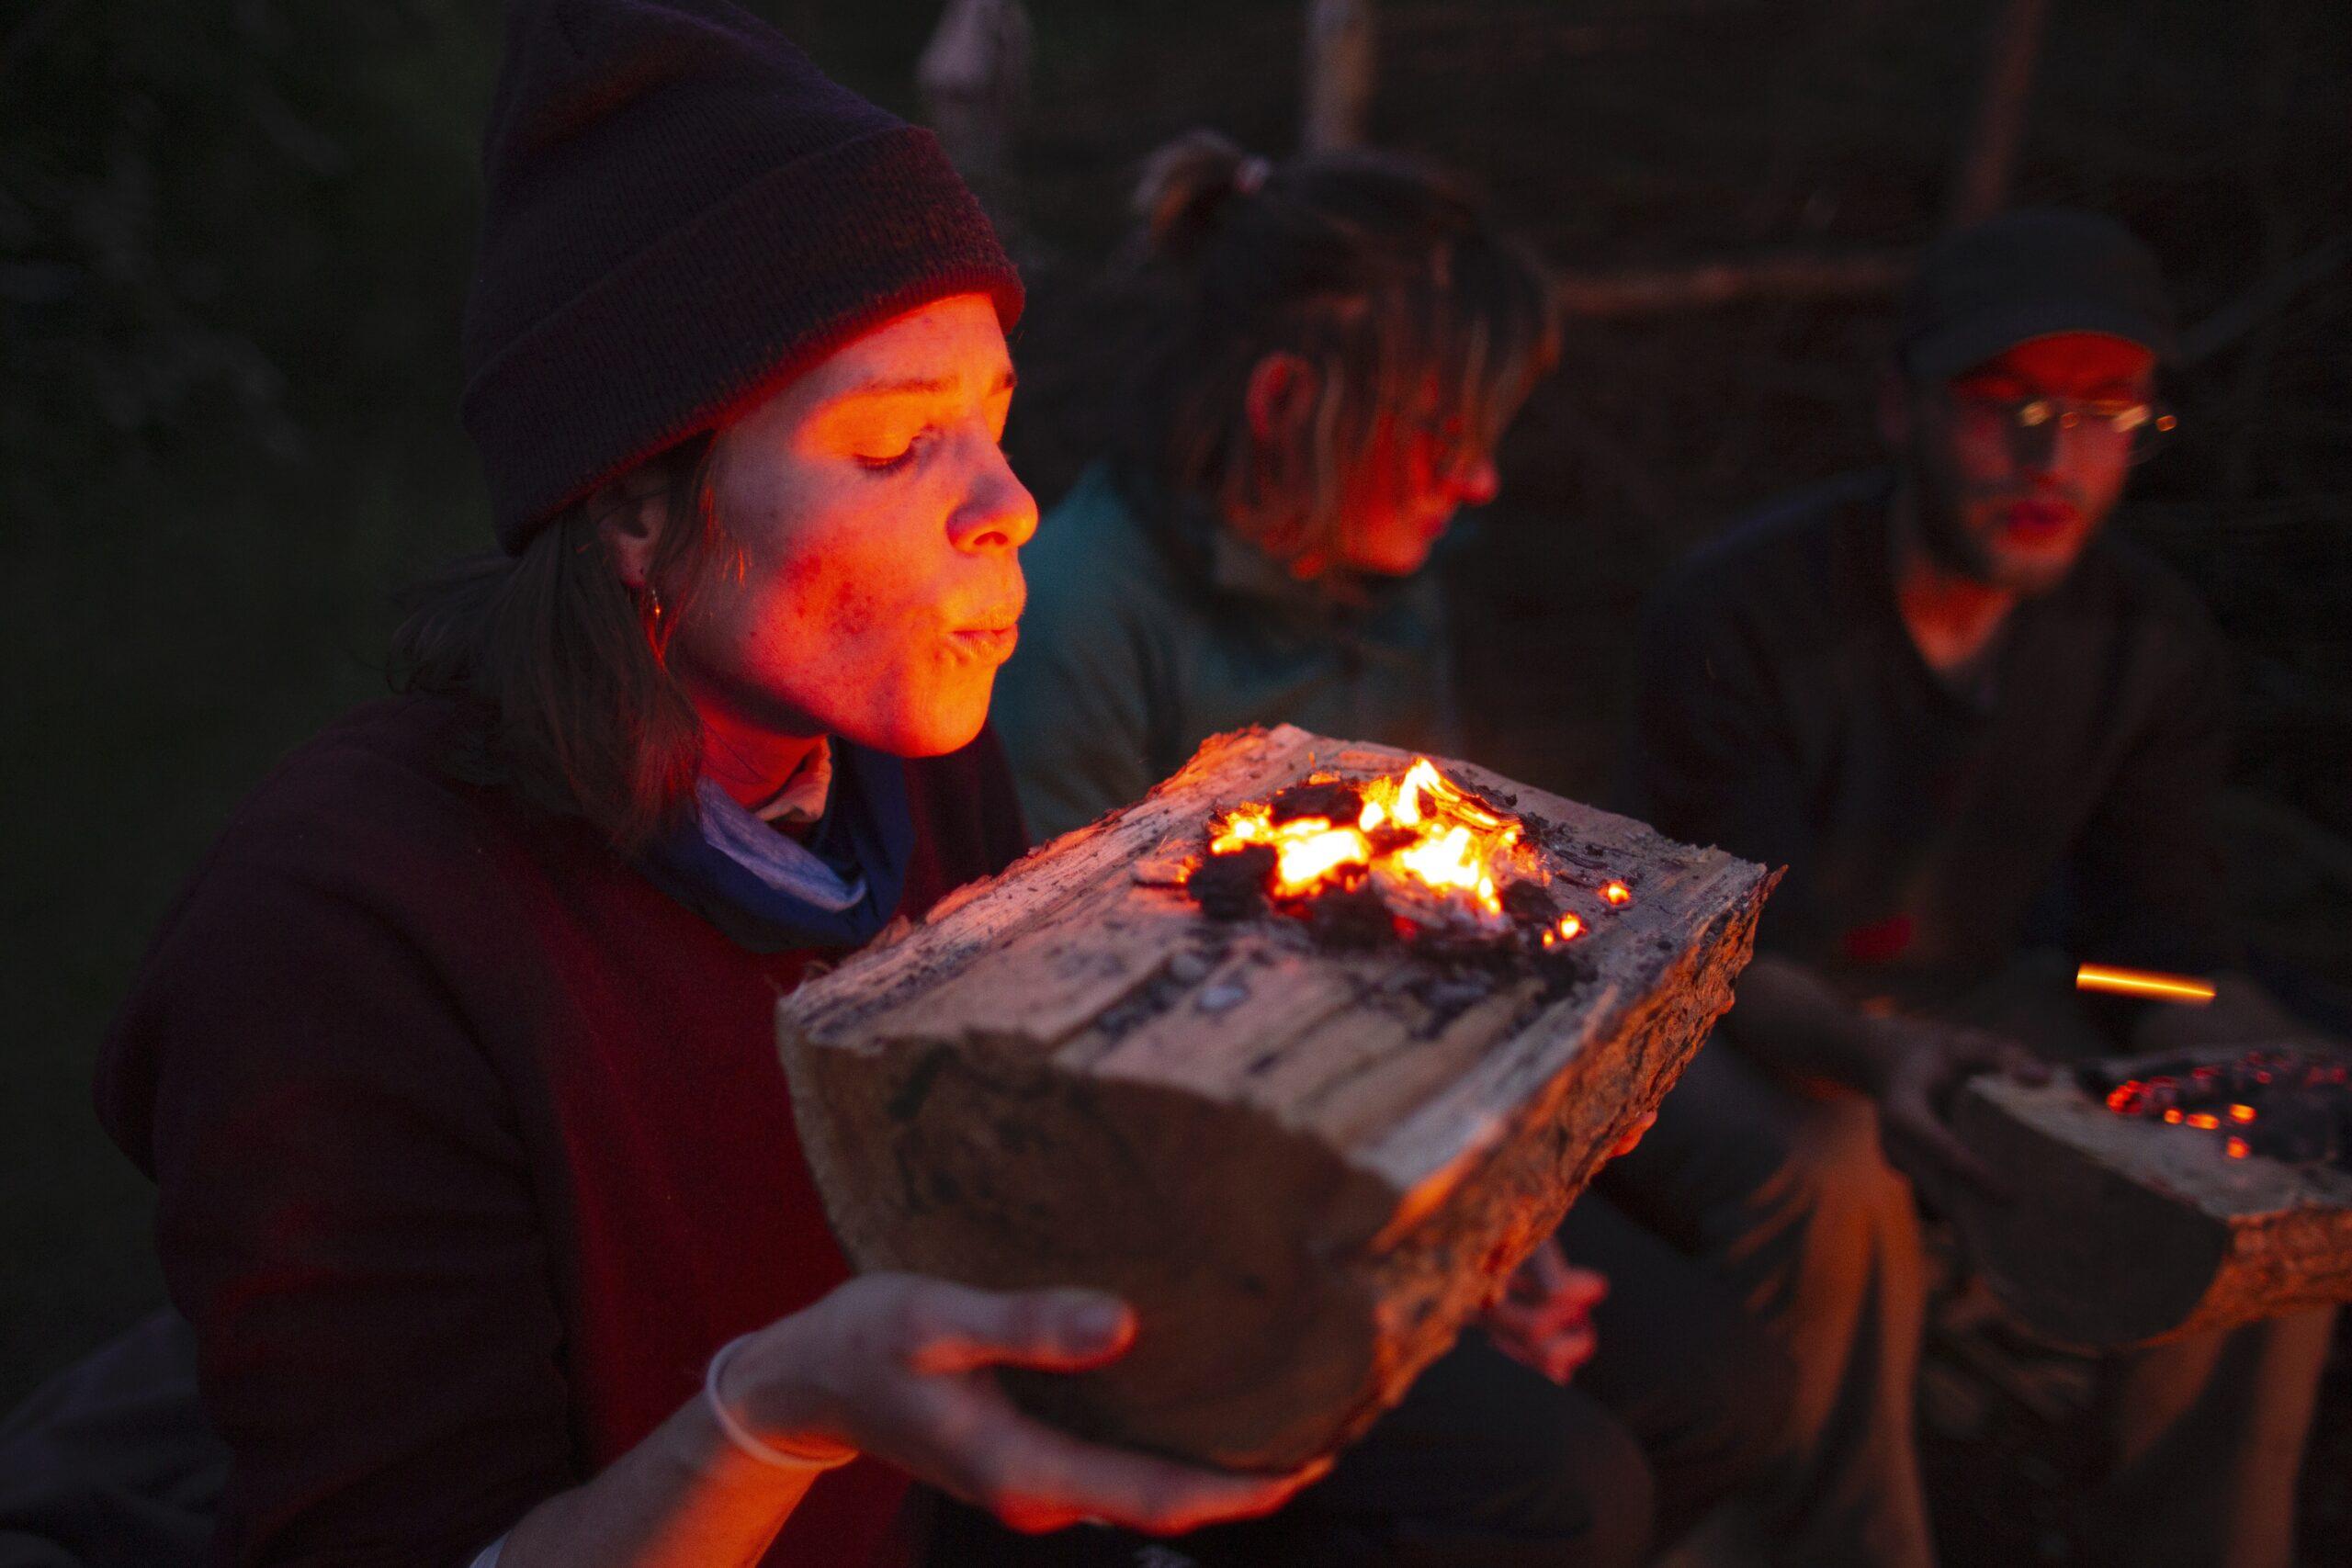 Wildnispädagogik-Ausbildung: Feuerschale brennen